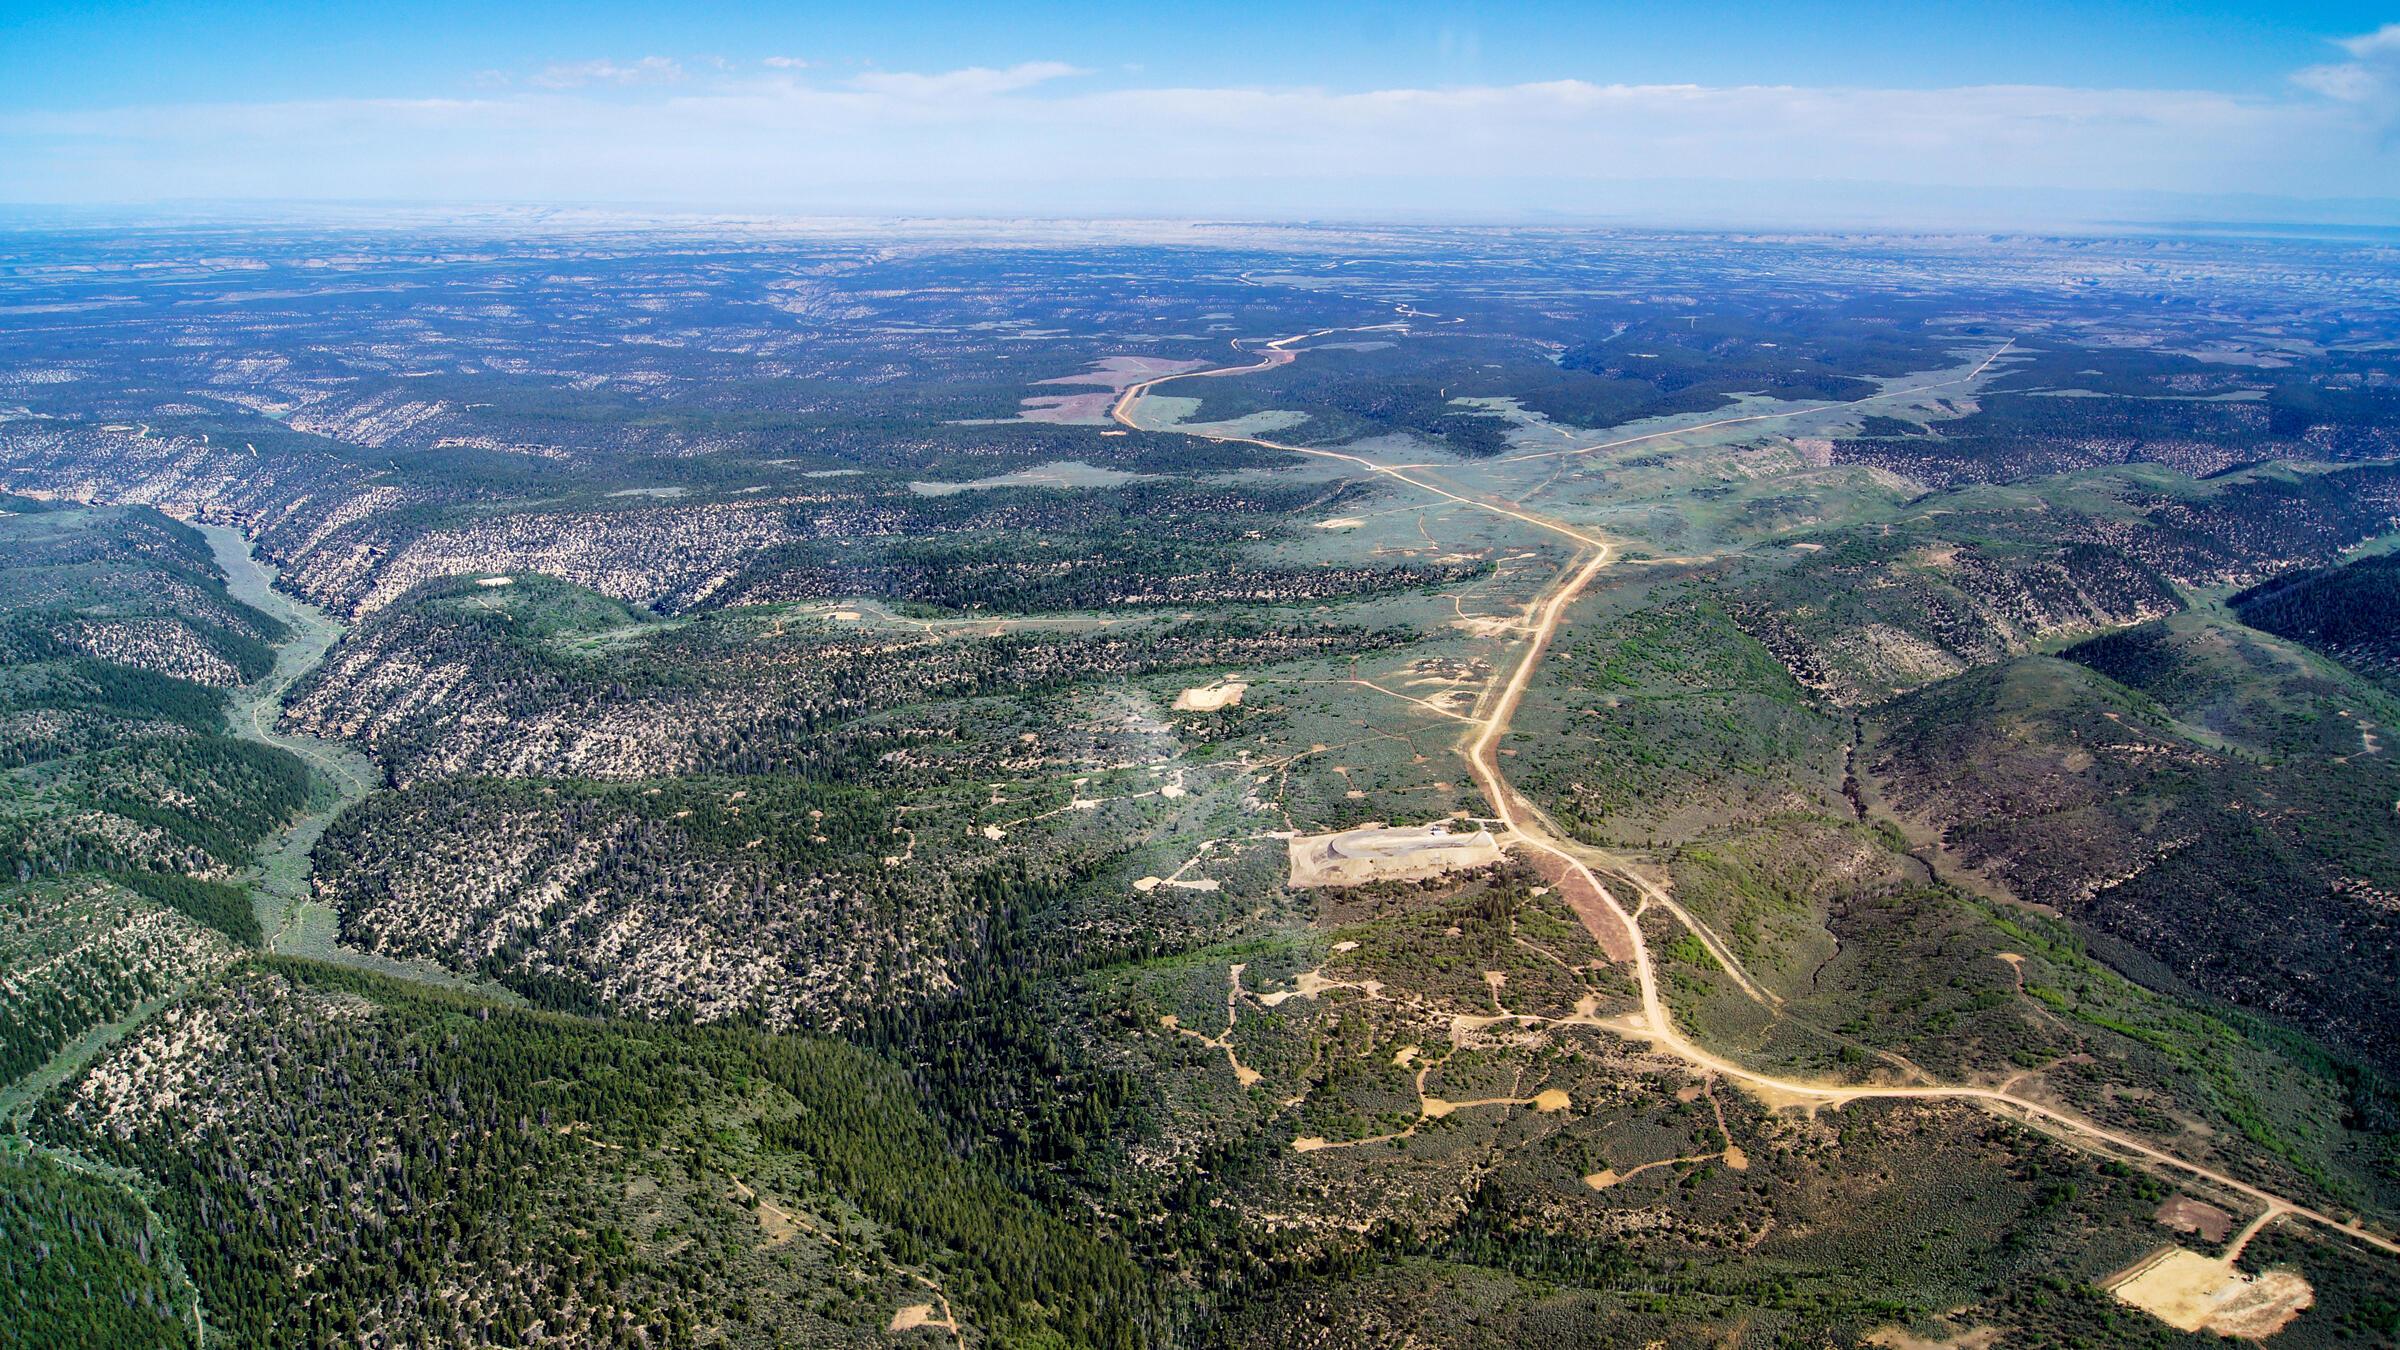 Tavaputs Plateau. EcoFlight